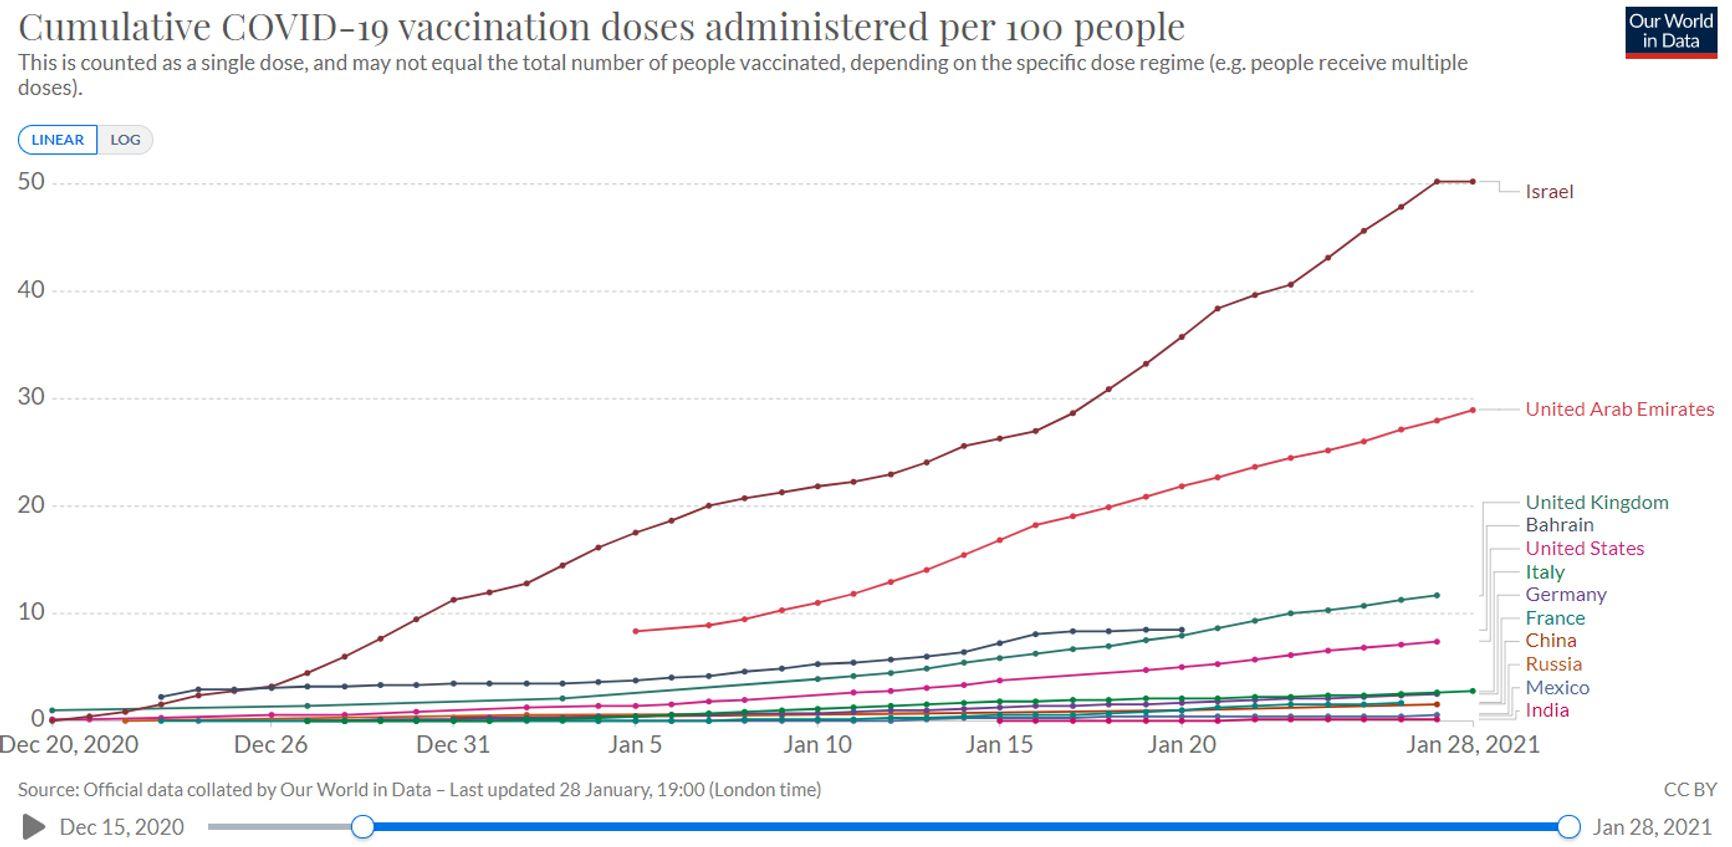 Рисунок 2. Количество введенных доз вакцин по странам в расчете на 100 человек (кумулятивно)